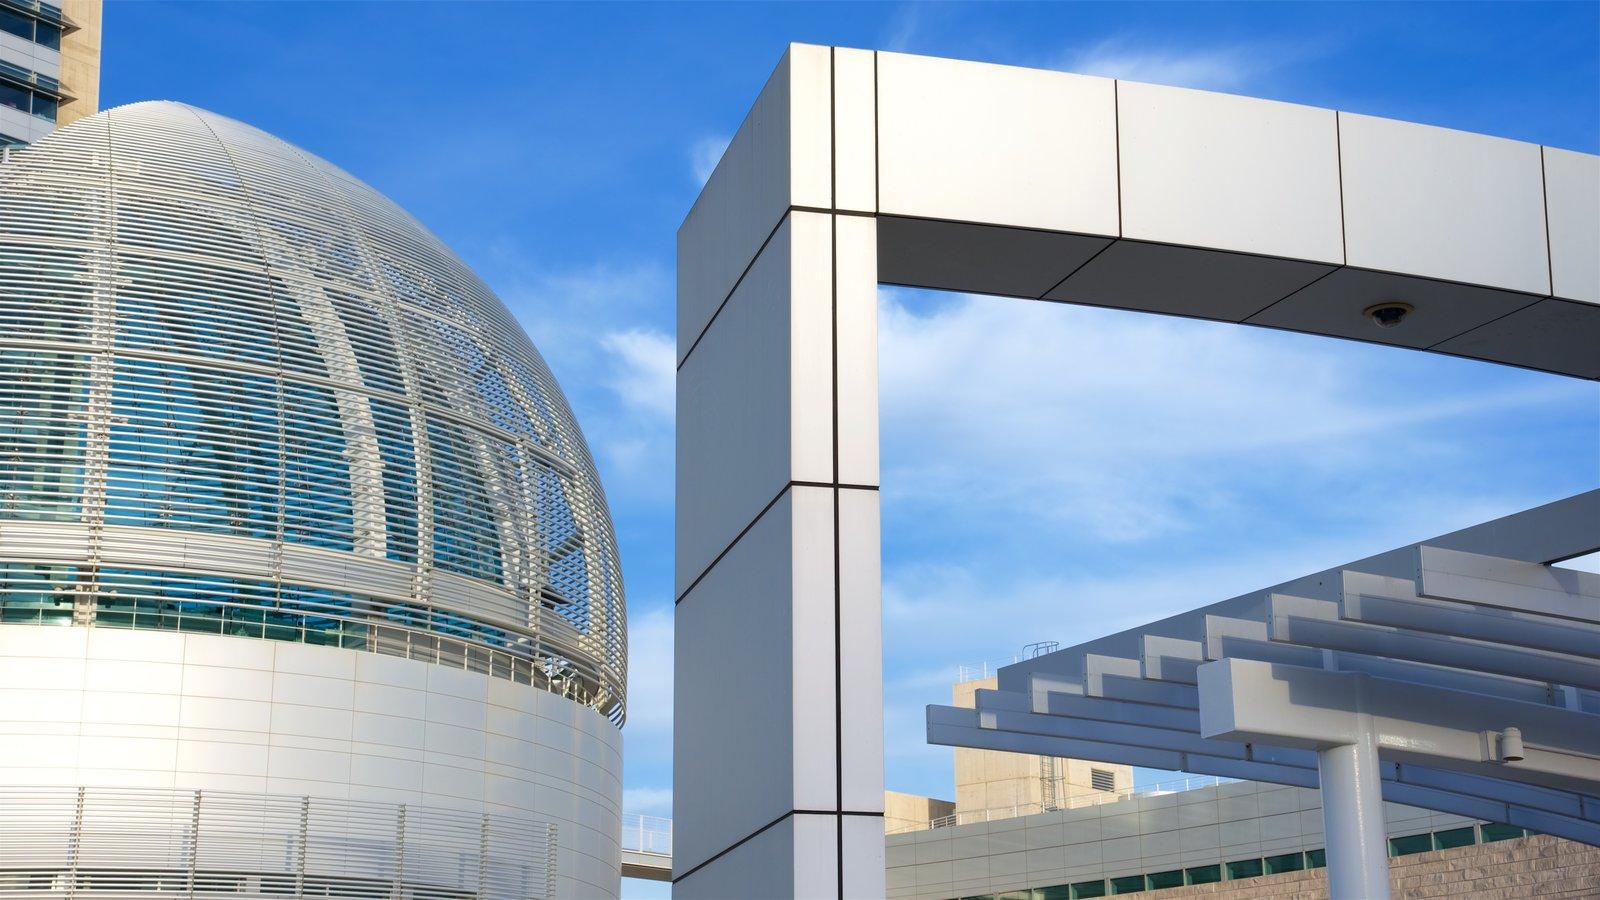 Bay Area mostrando arquitetura moderna